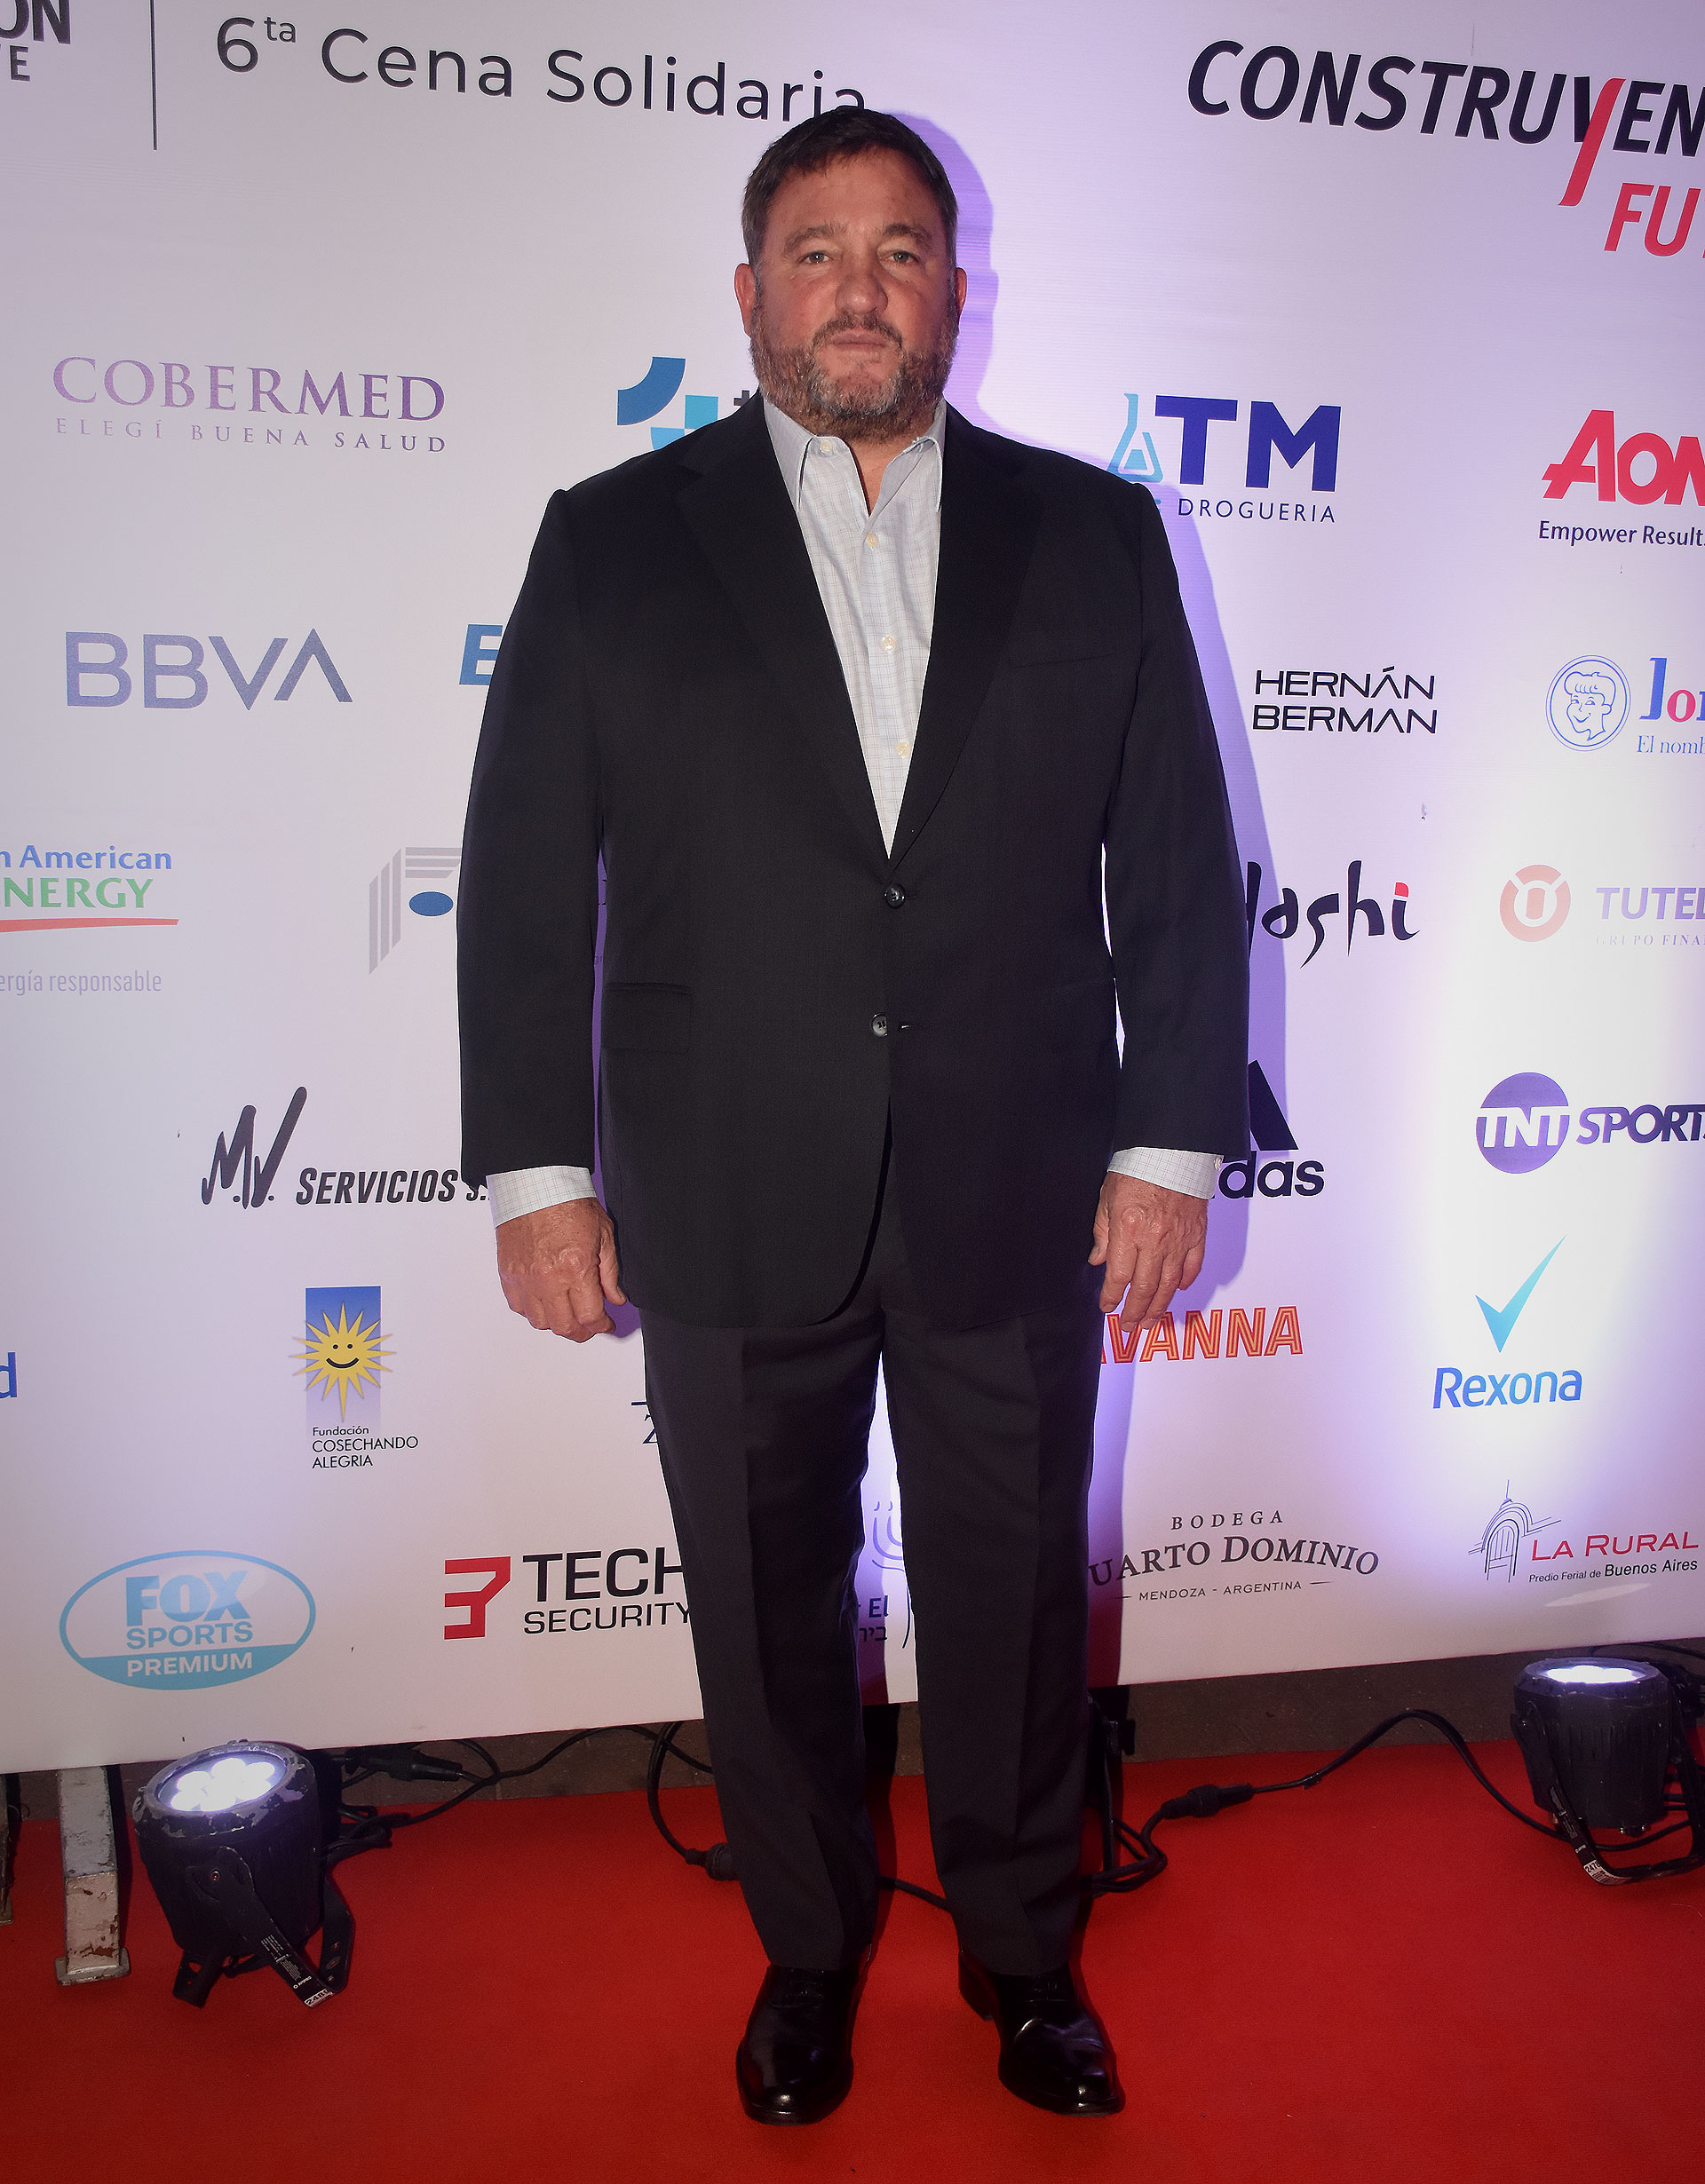 El empresario Alejandro Macfarlane